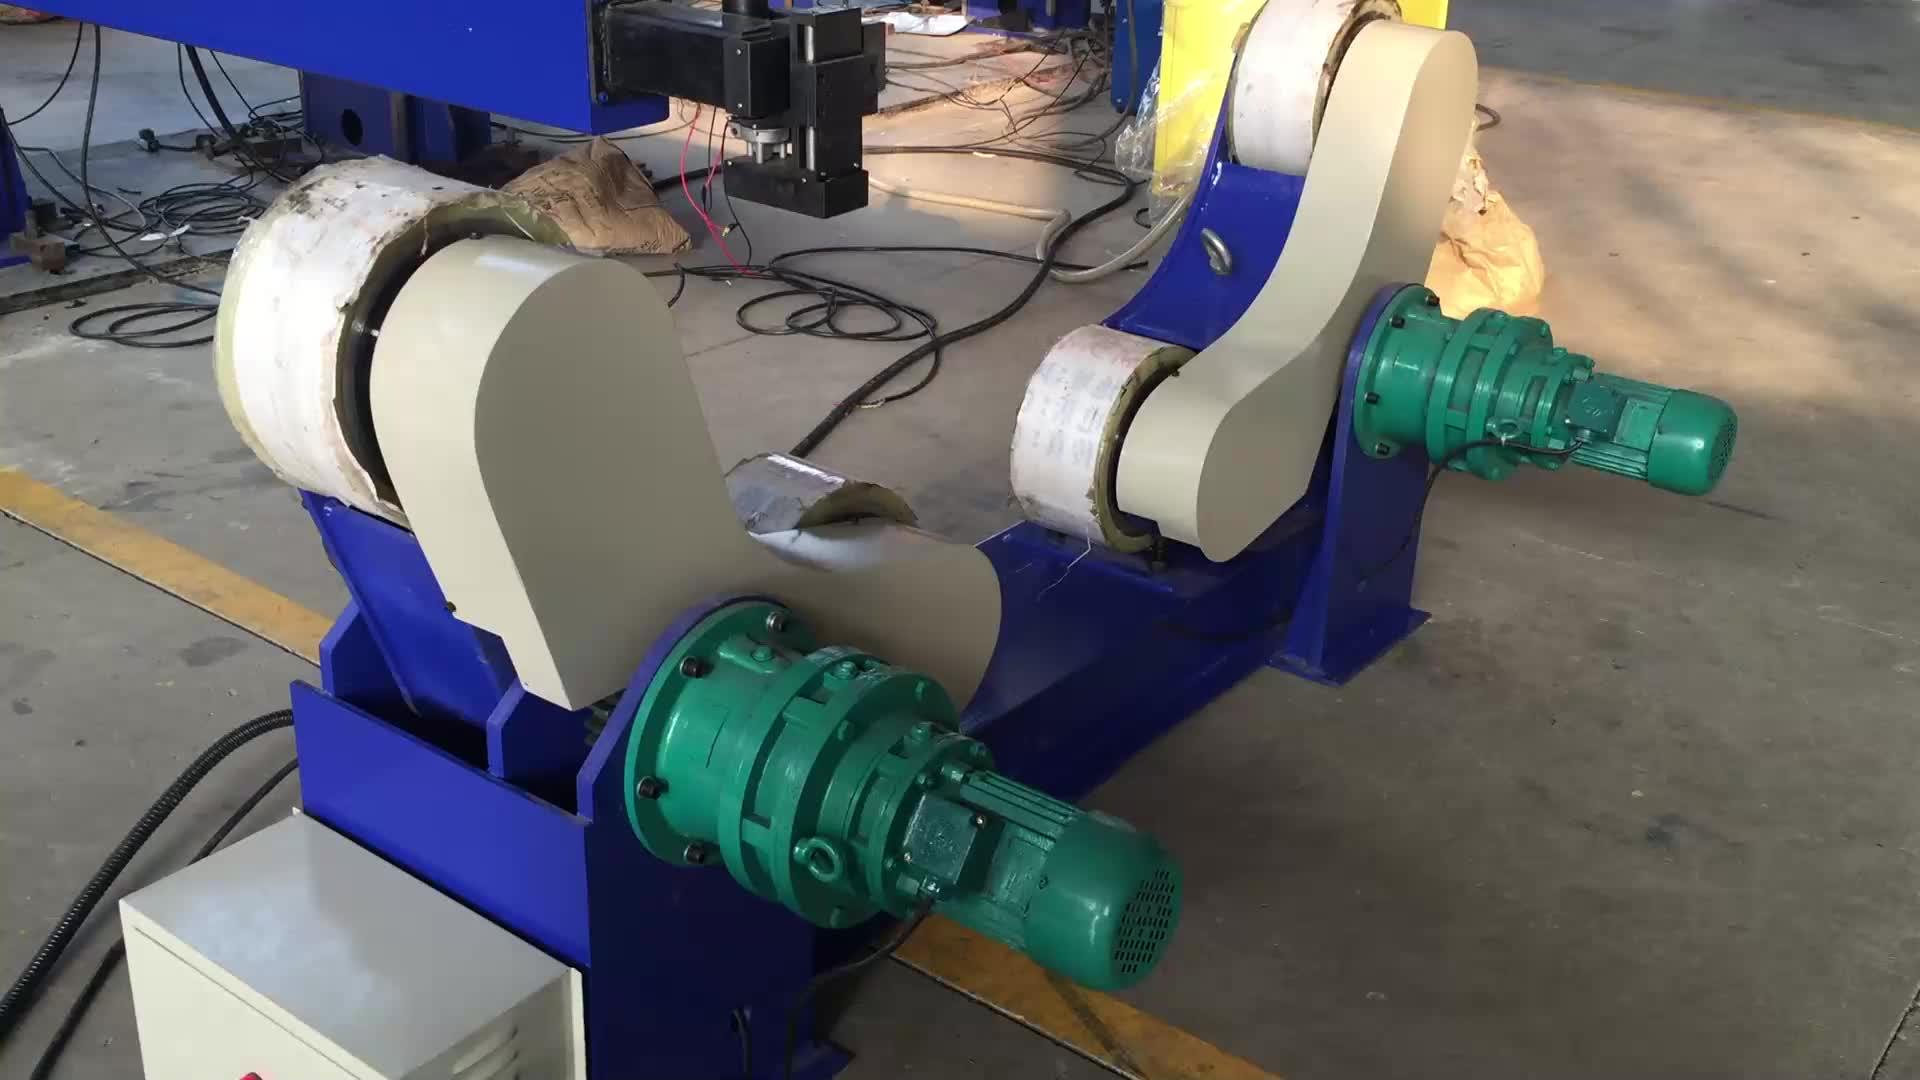 저렴한 가격 자동 조절 작은 자동 용접 회전 기계